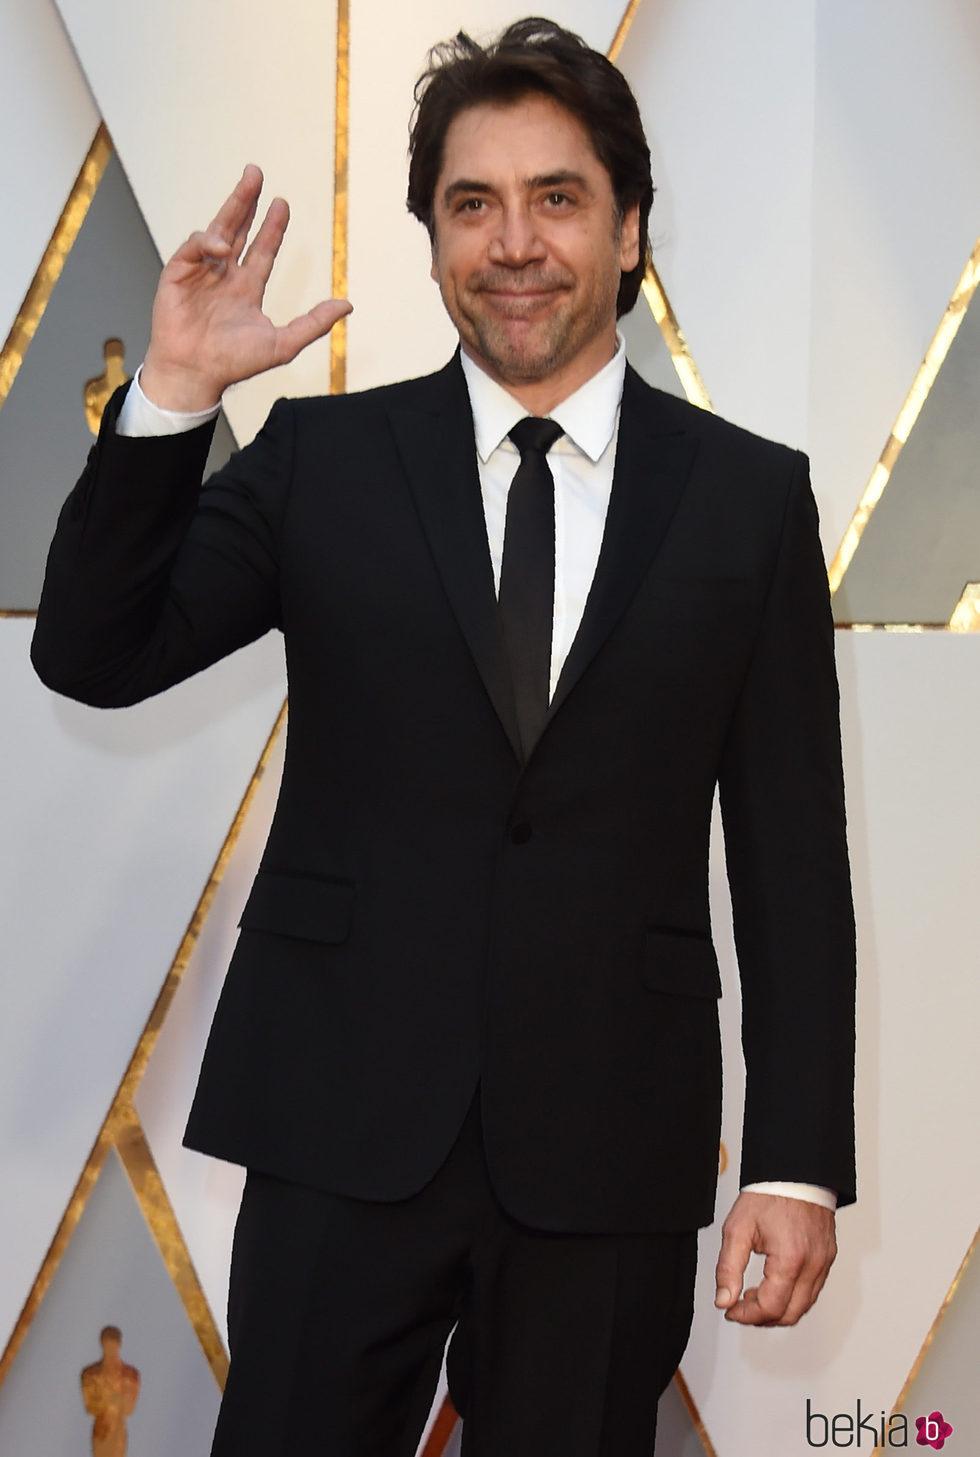 Javier Bardem saludando en la alfombra roja de los Premios ... Javier Bardem 2017